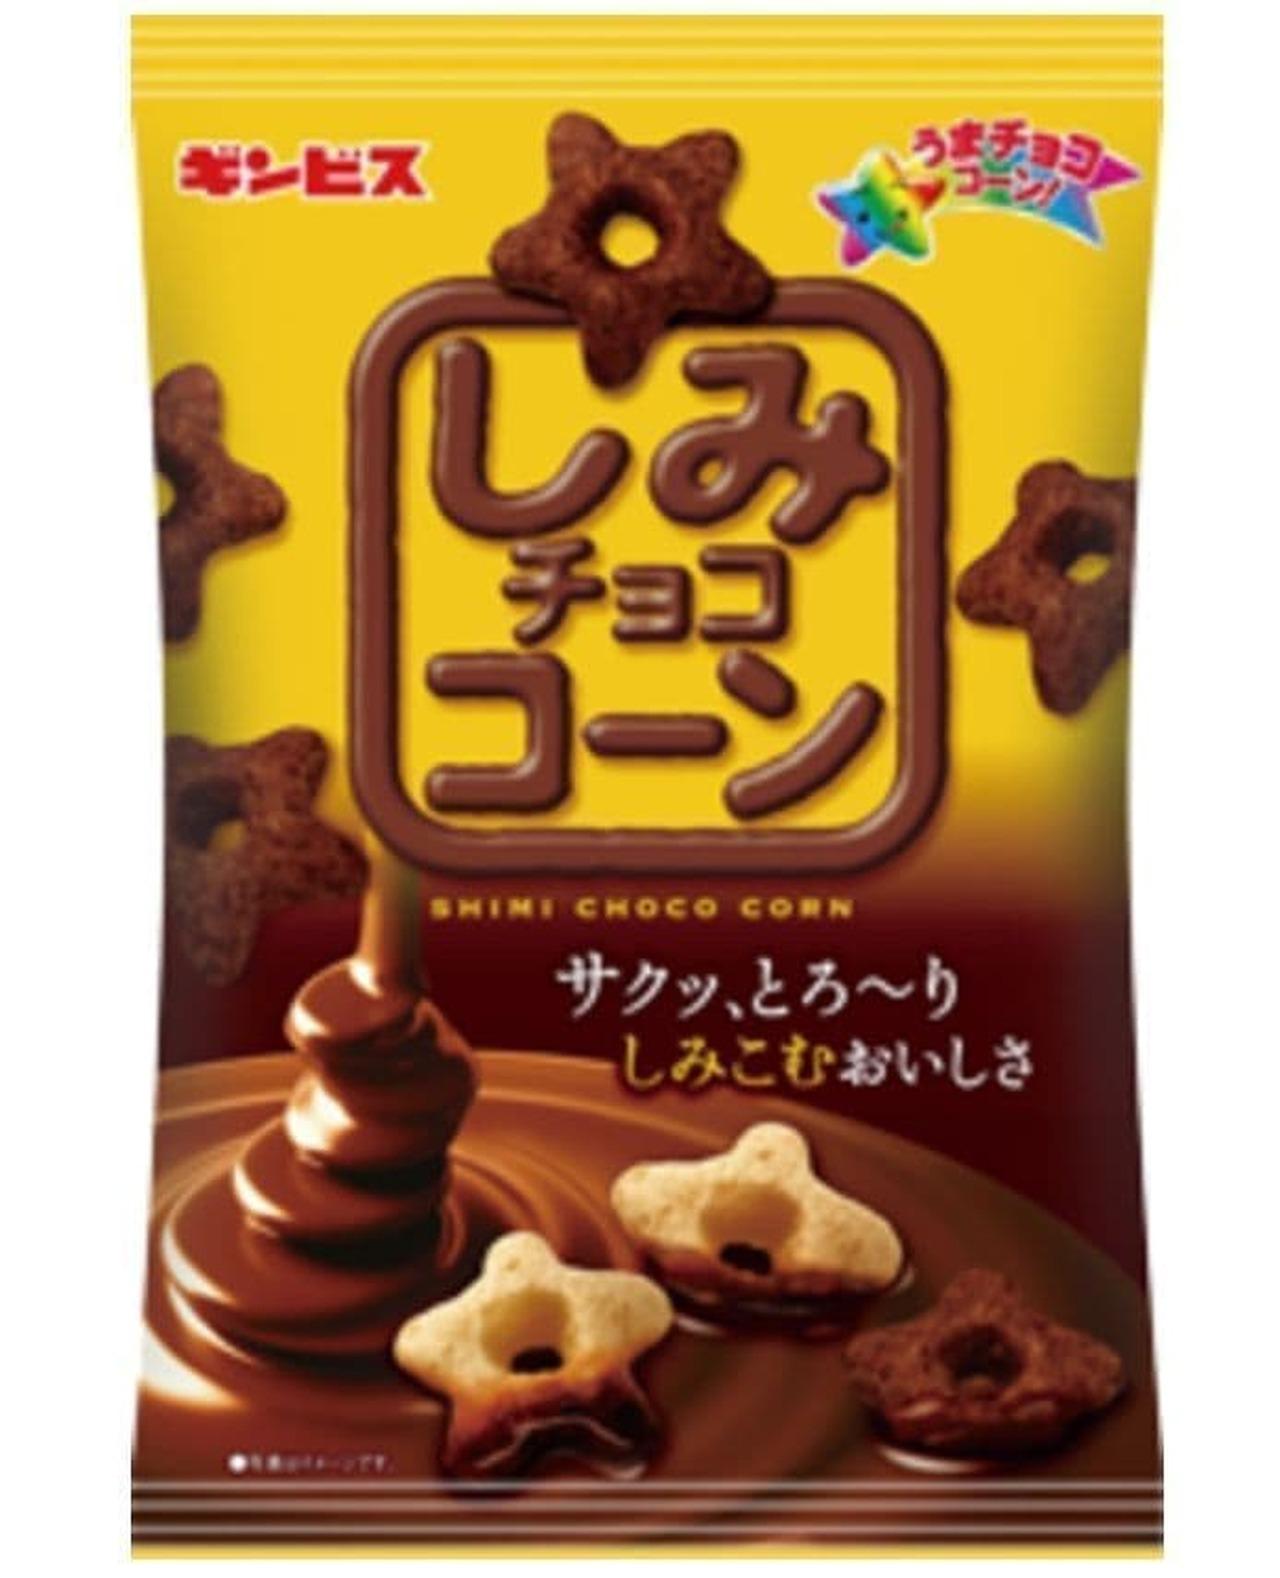 ギンビス「しみチョココーン」